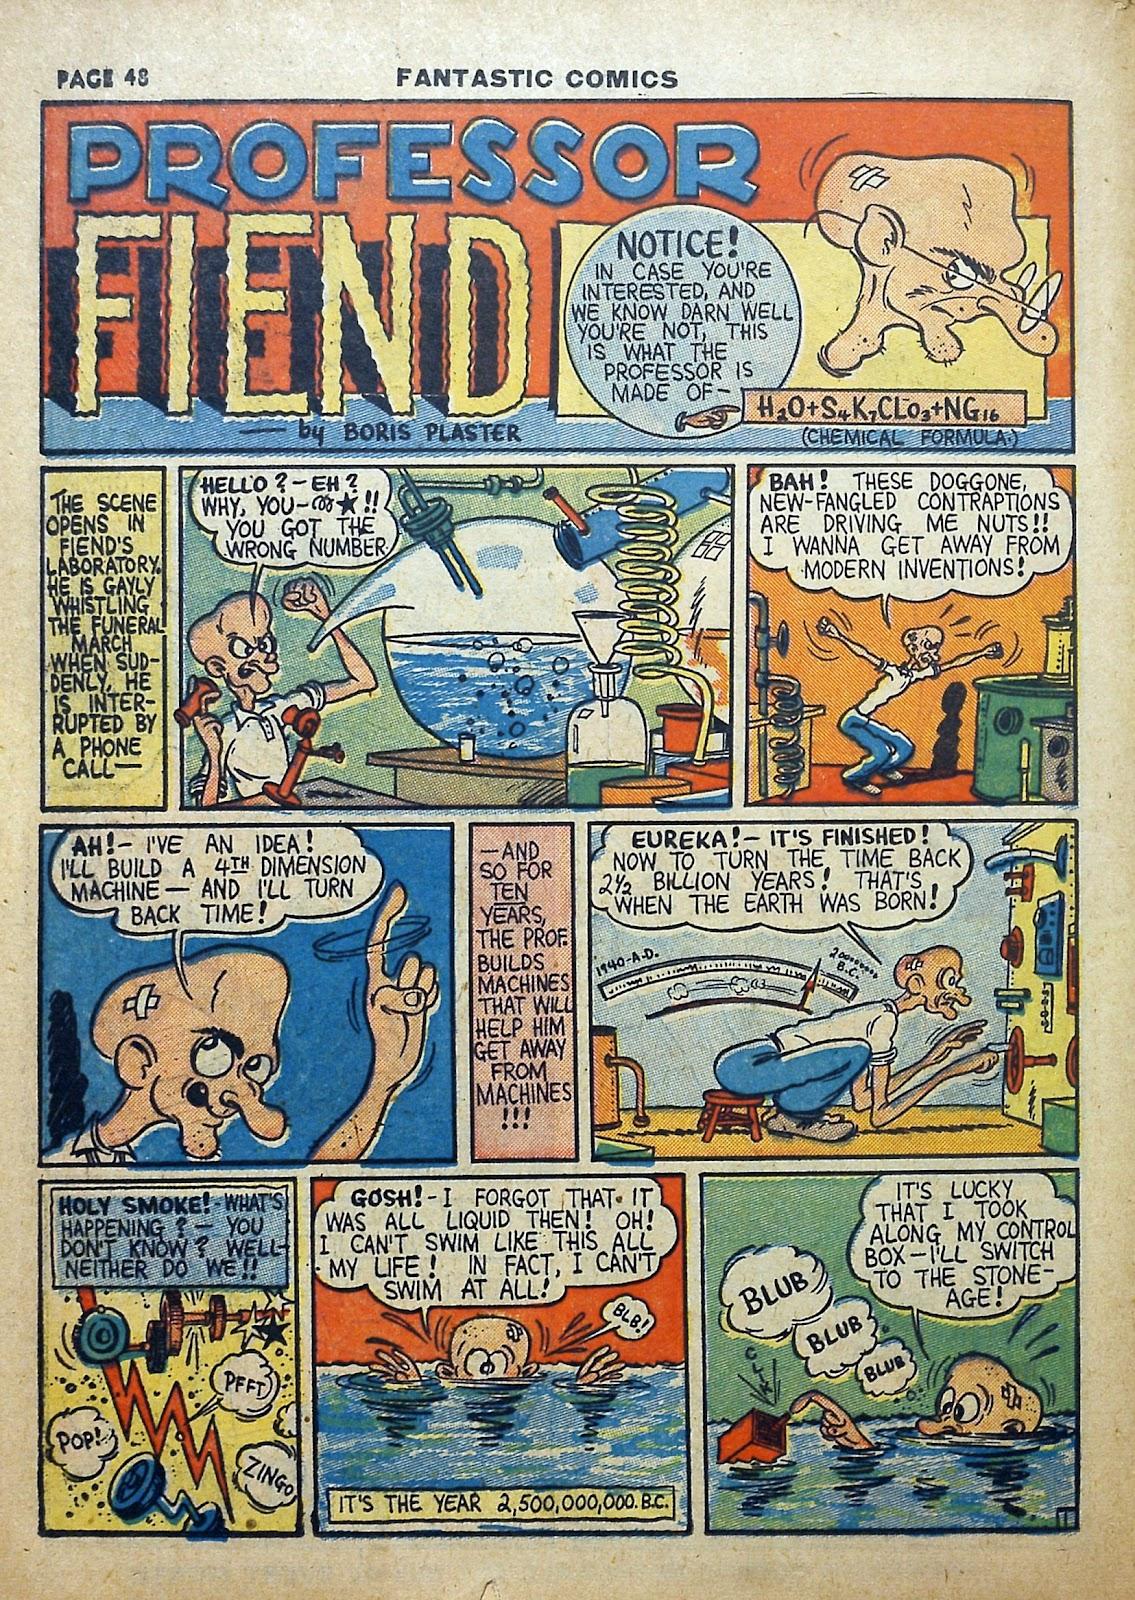 Read online Fantastic Comics comic -  Issue #5 - 49